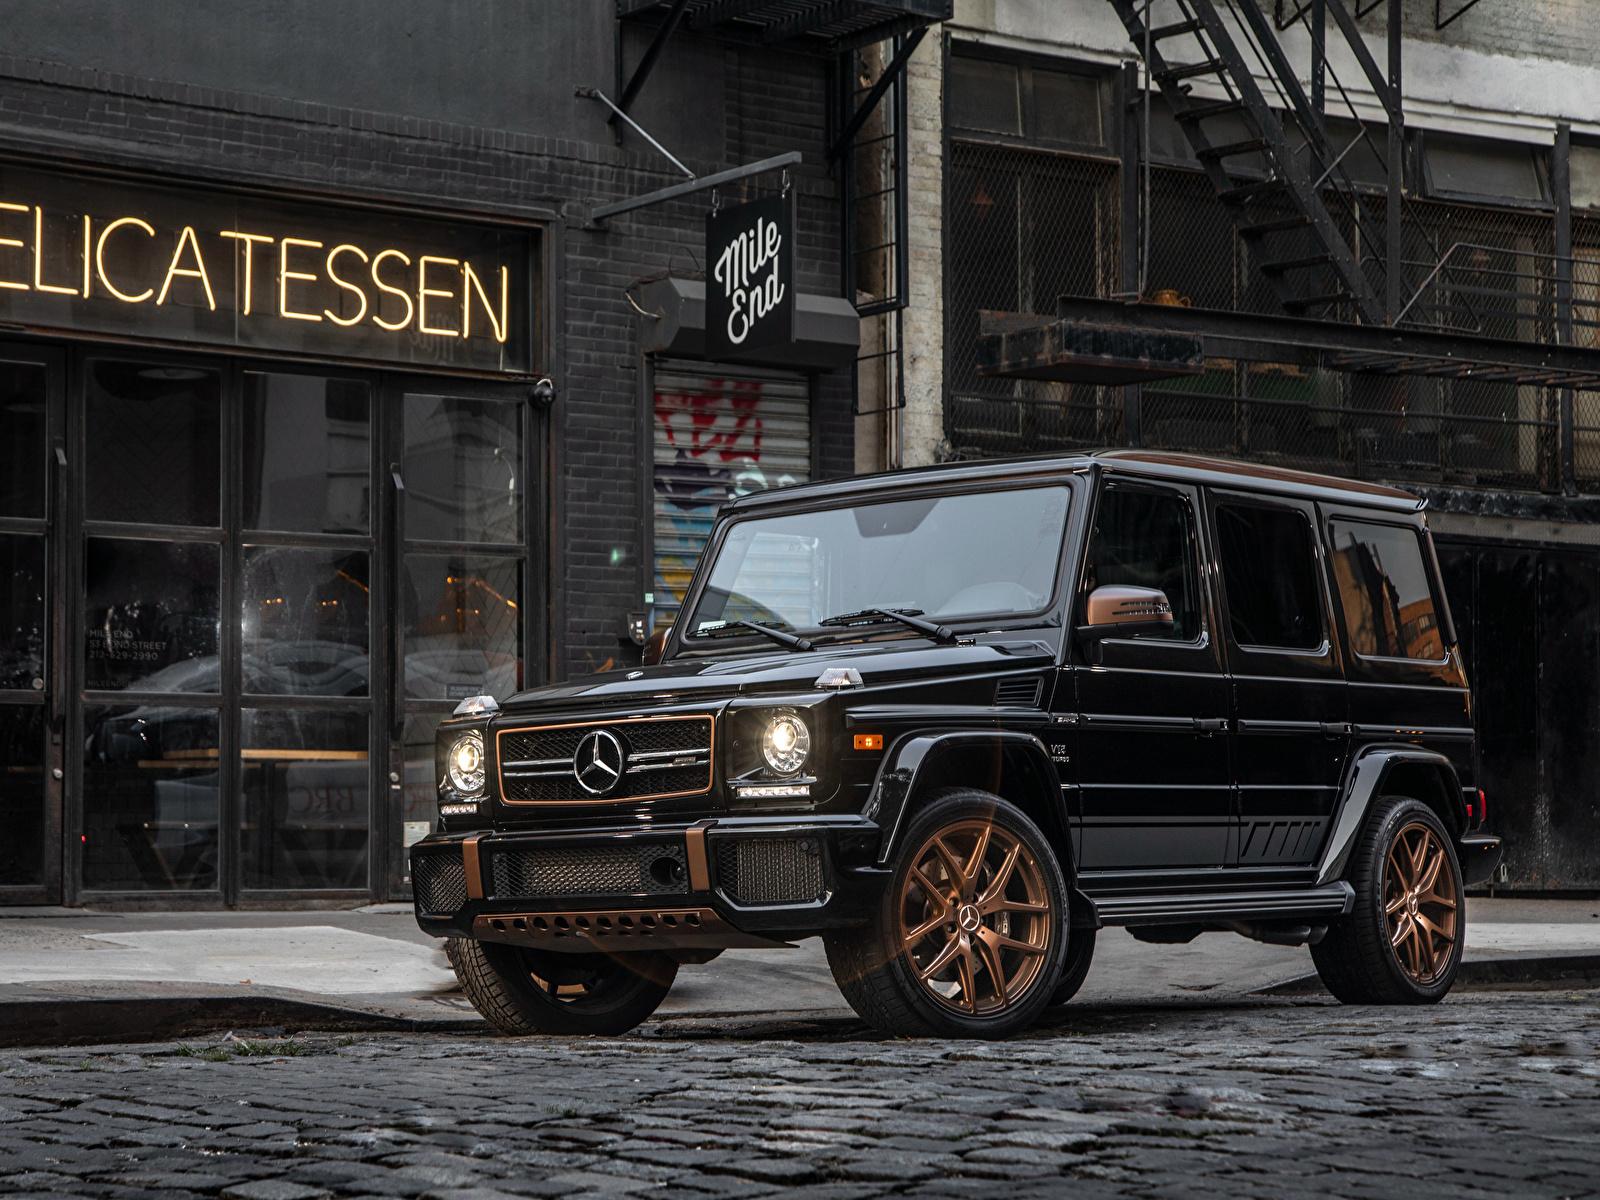 Фото Мерседес бенц G-класс 2018 G 65  Final Edition Черный Авто 1600x1200 Mercedes-Benz Гелентваген черных черные черная Машины Автомобили